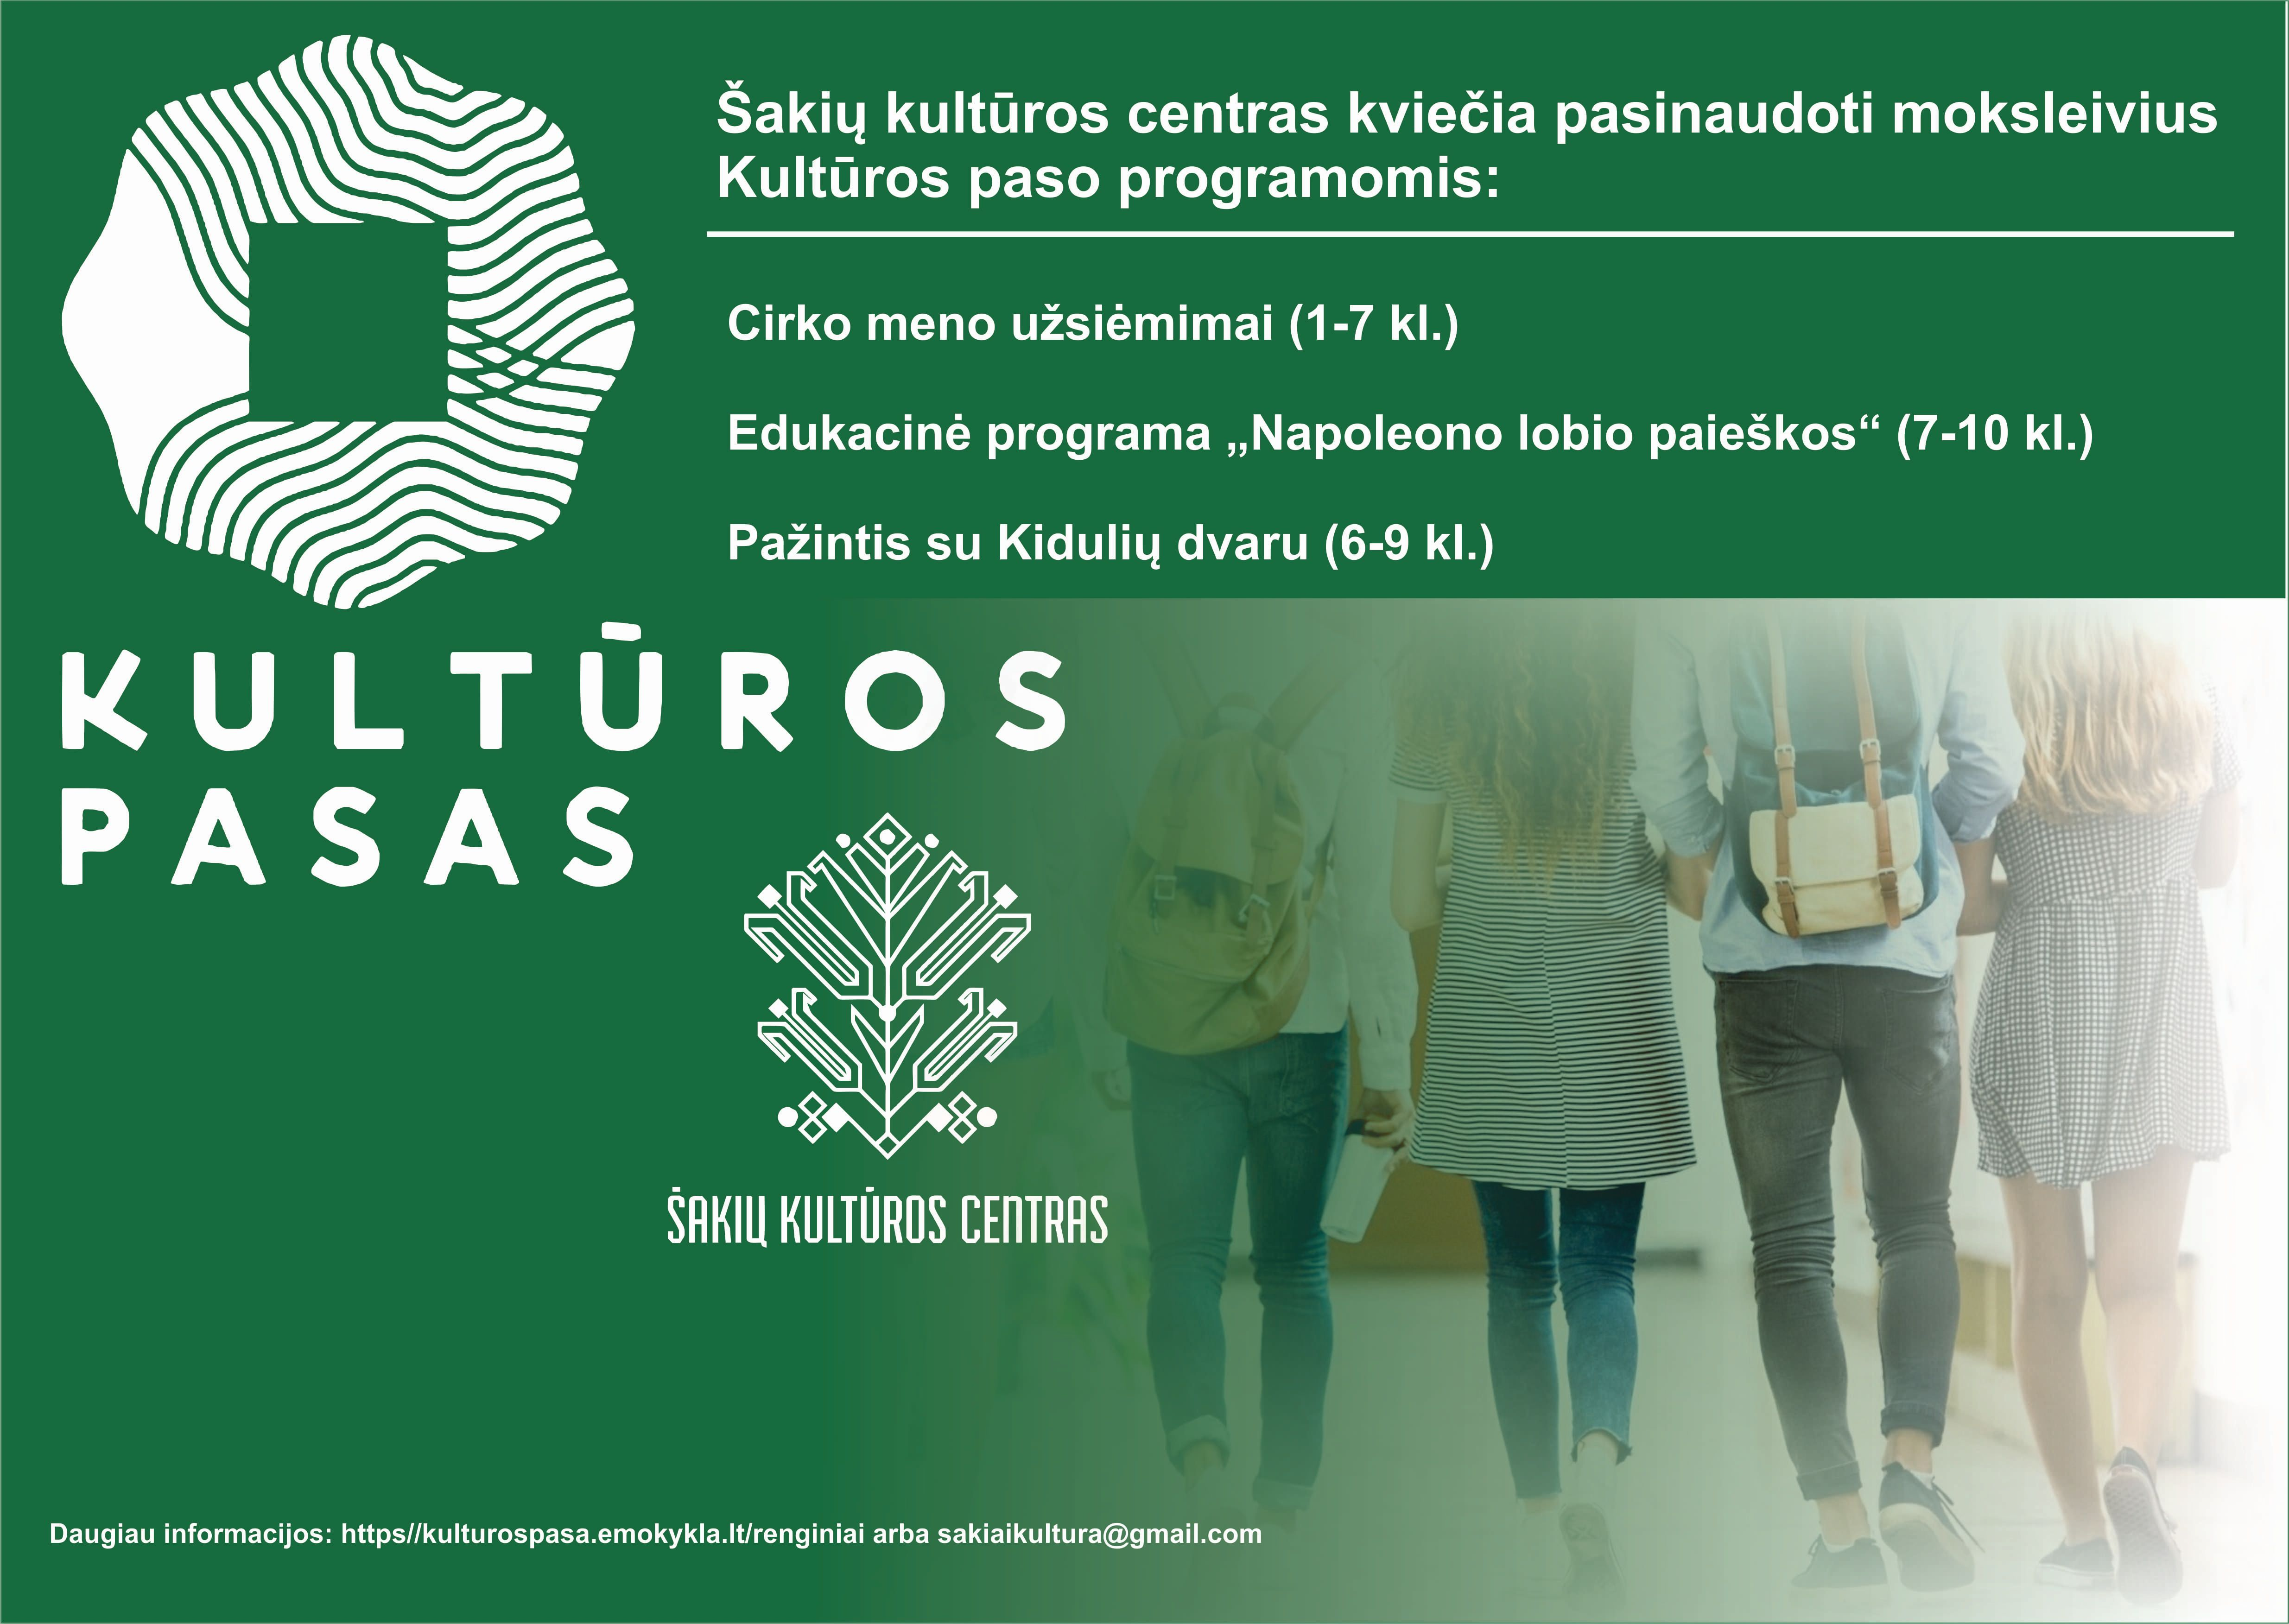 Kviečiame pasinaudoti Kultūros paso programomis